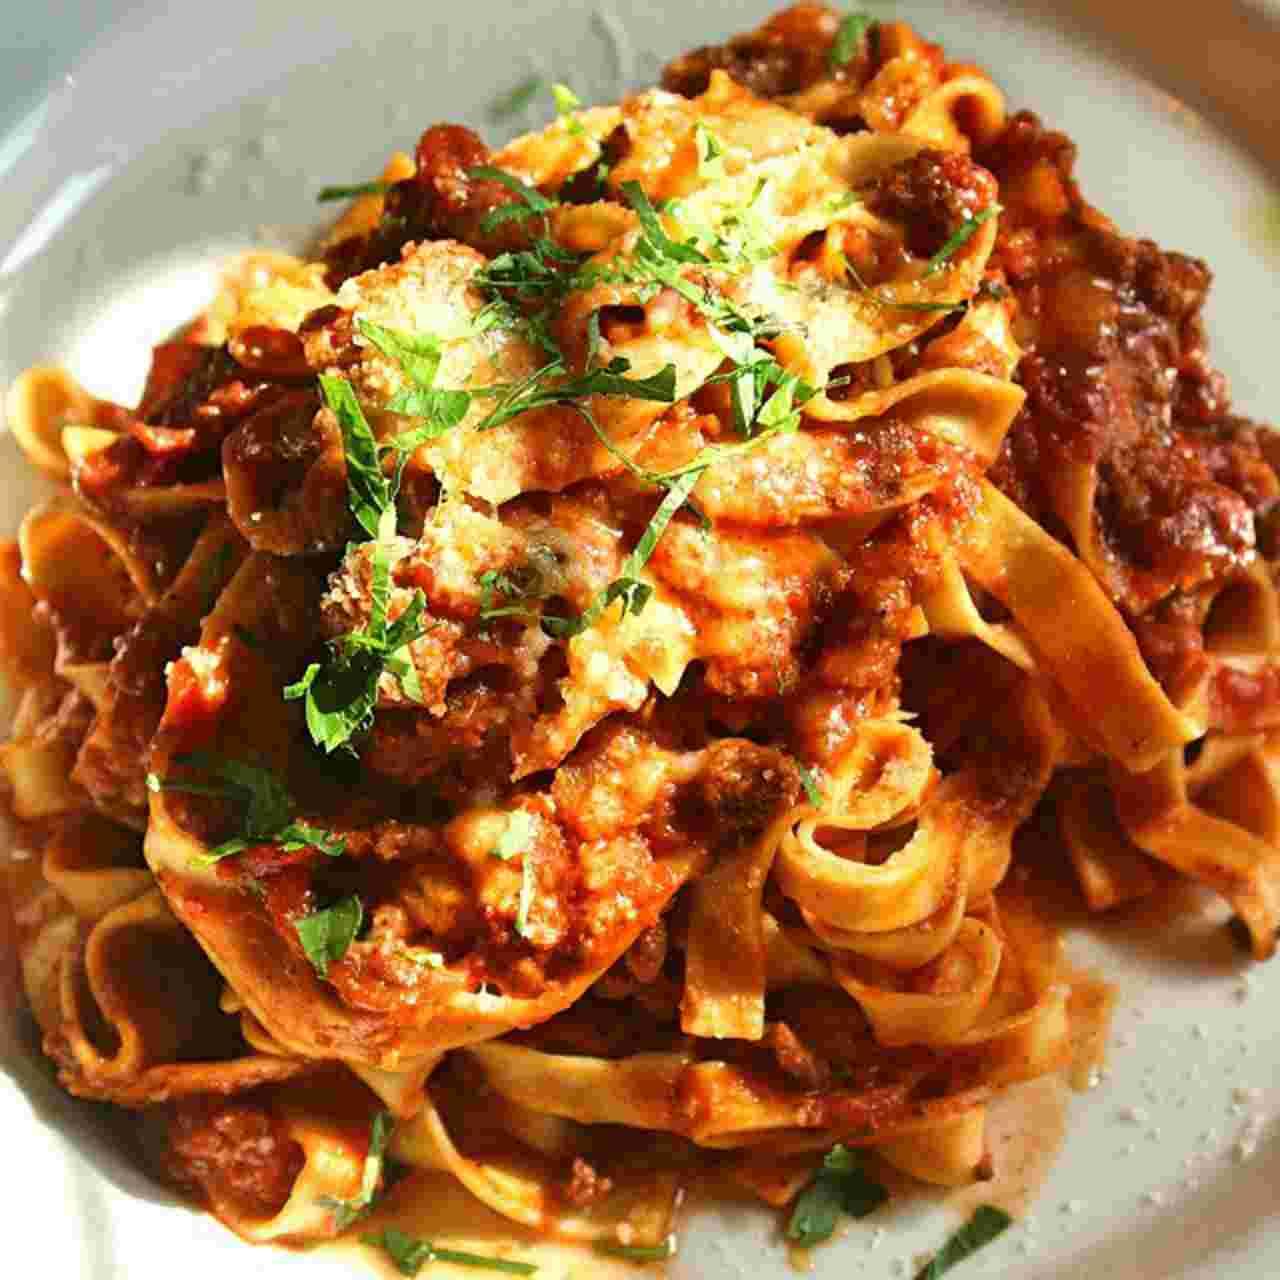 The Top 15 Pasta Dishes in Toronto - TasteToronto